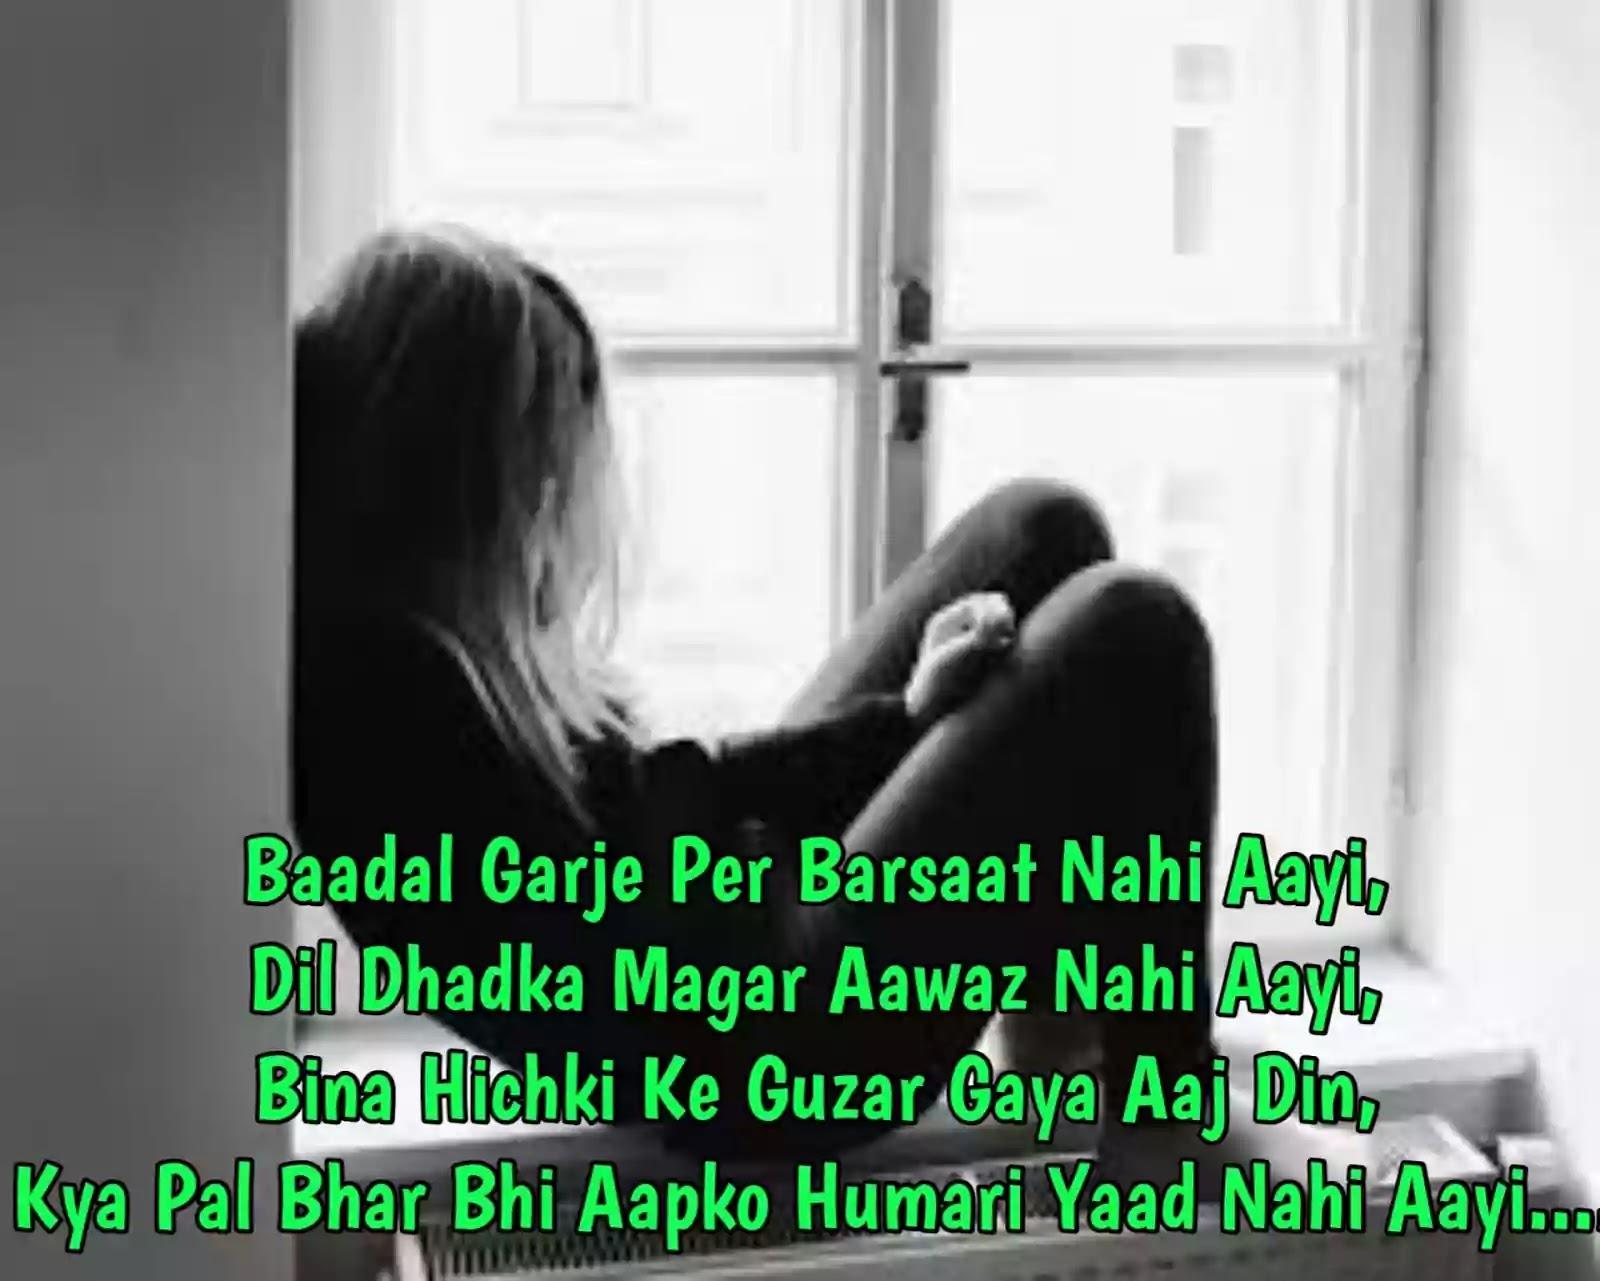 Yaad shayari download